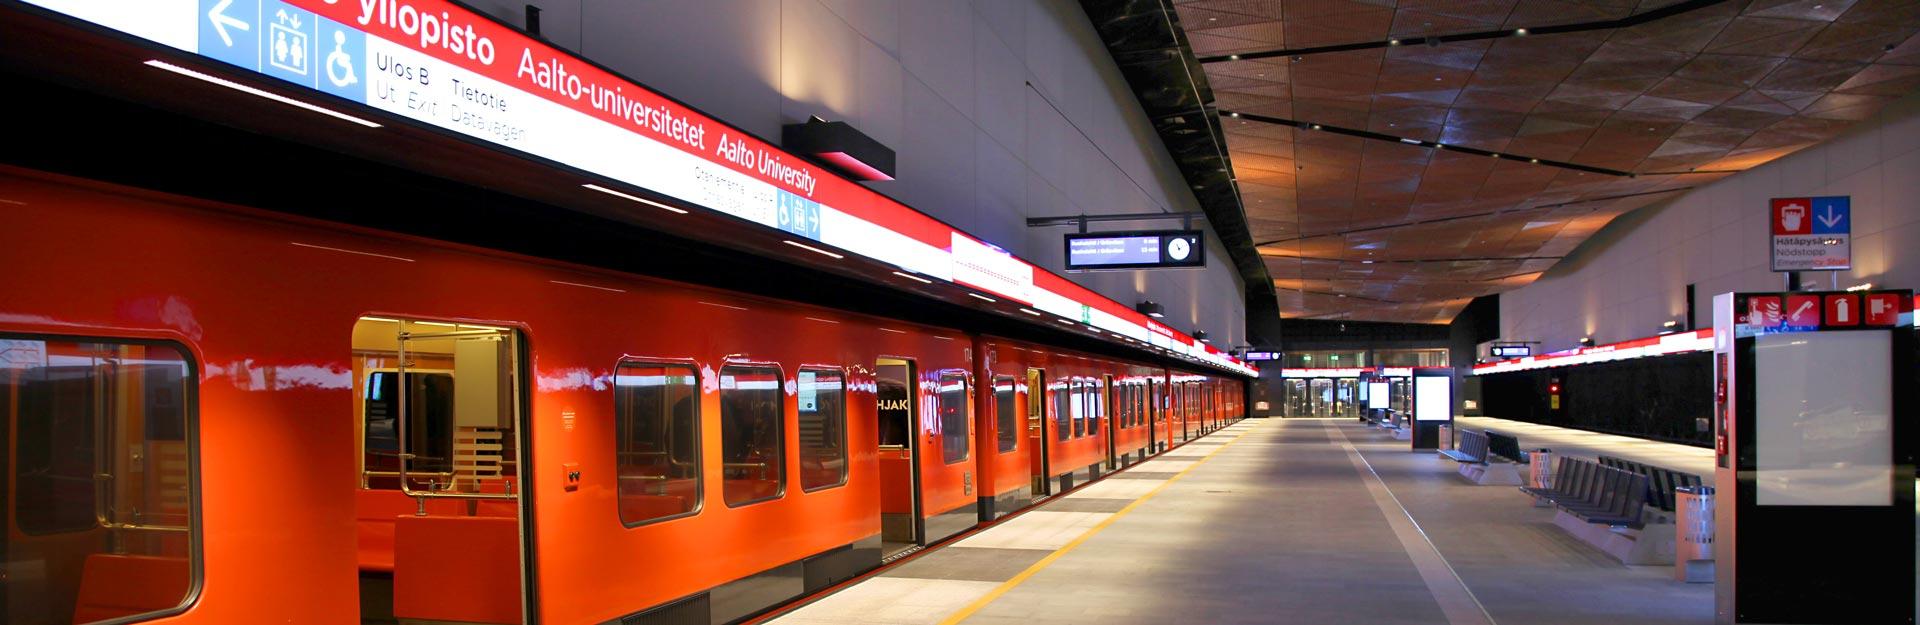 Kuva metrosta Aalto-yliopiston metroasemalla.